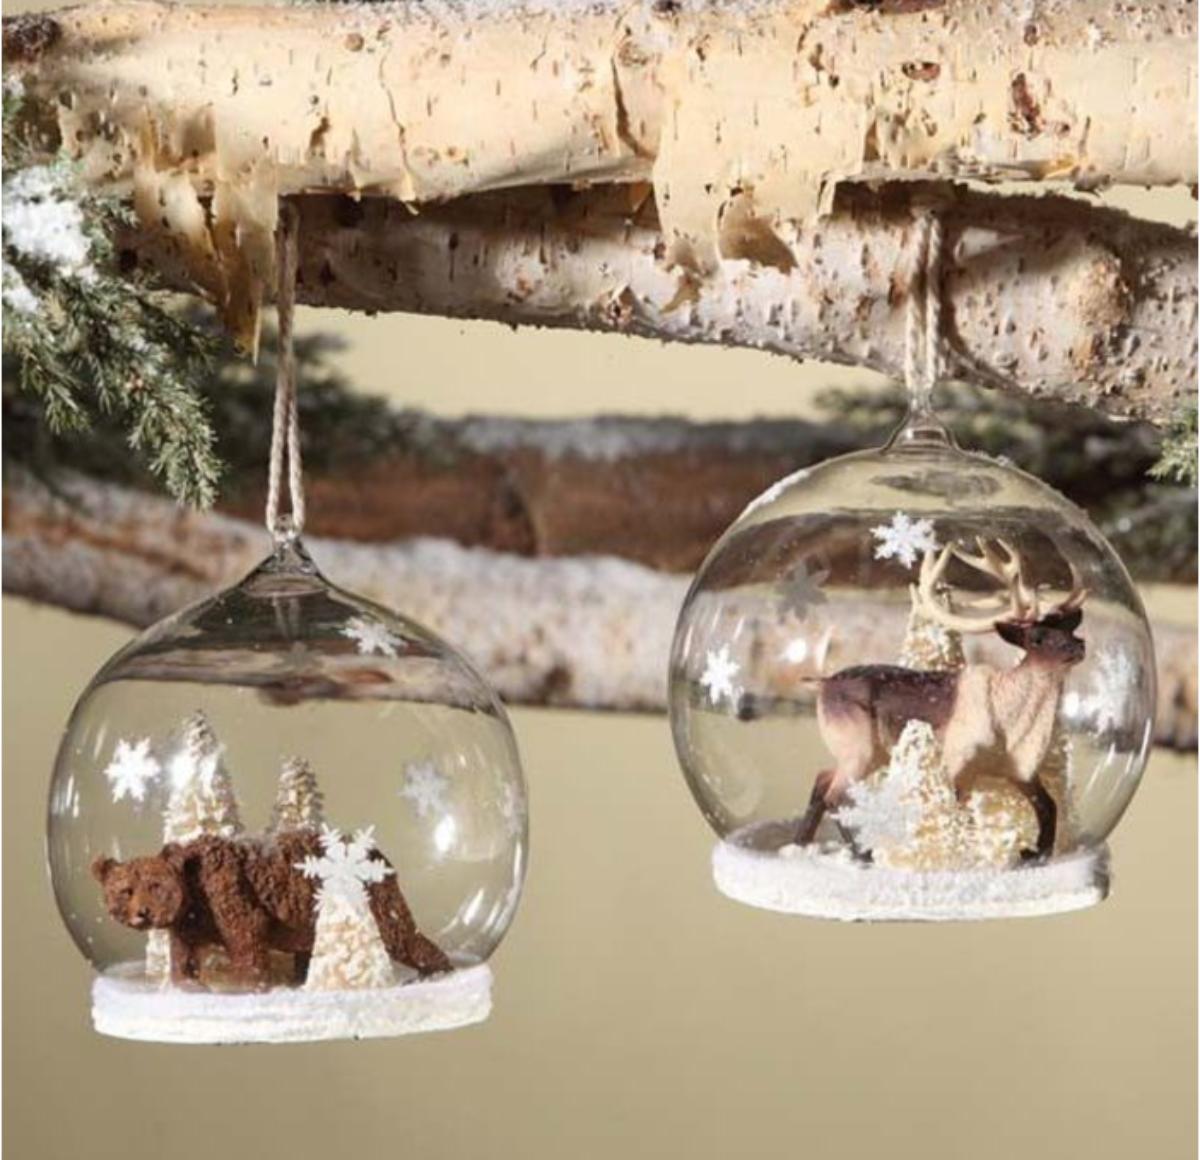 Comment Faire Des Boule A Neige comment fabriquer sa propre boule à neige lumineuse !